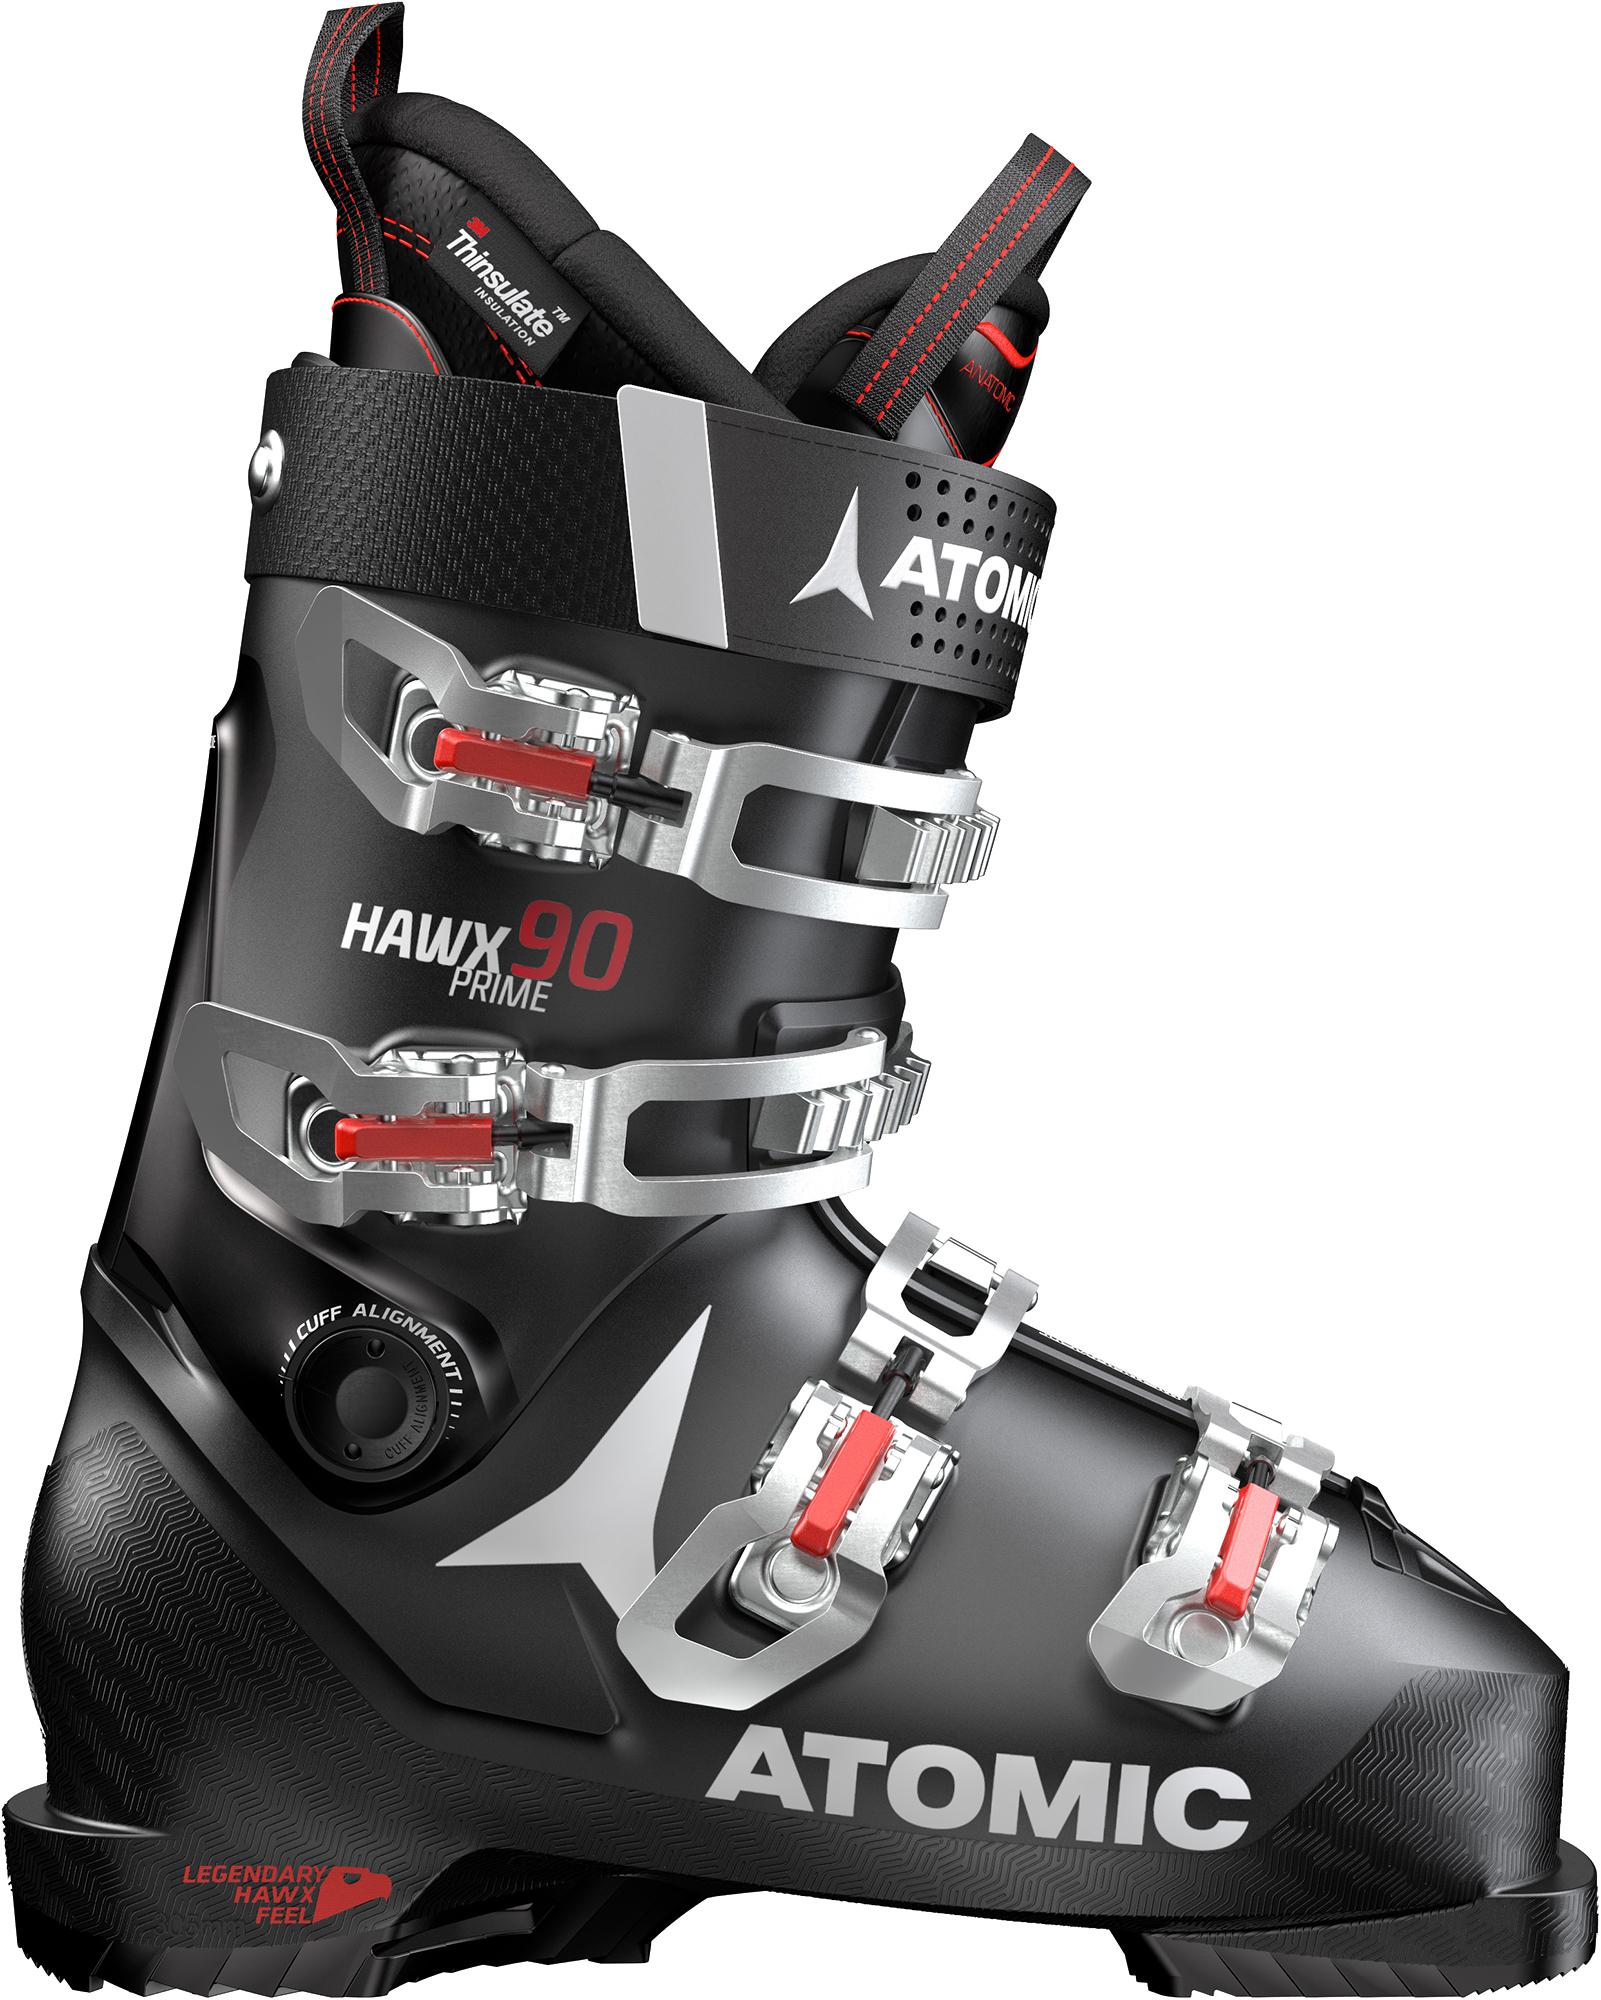 лучшая цена Atomic Ботинки горнолыжные Atomic Hawx Prime 90, размер 46